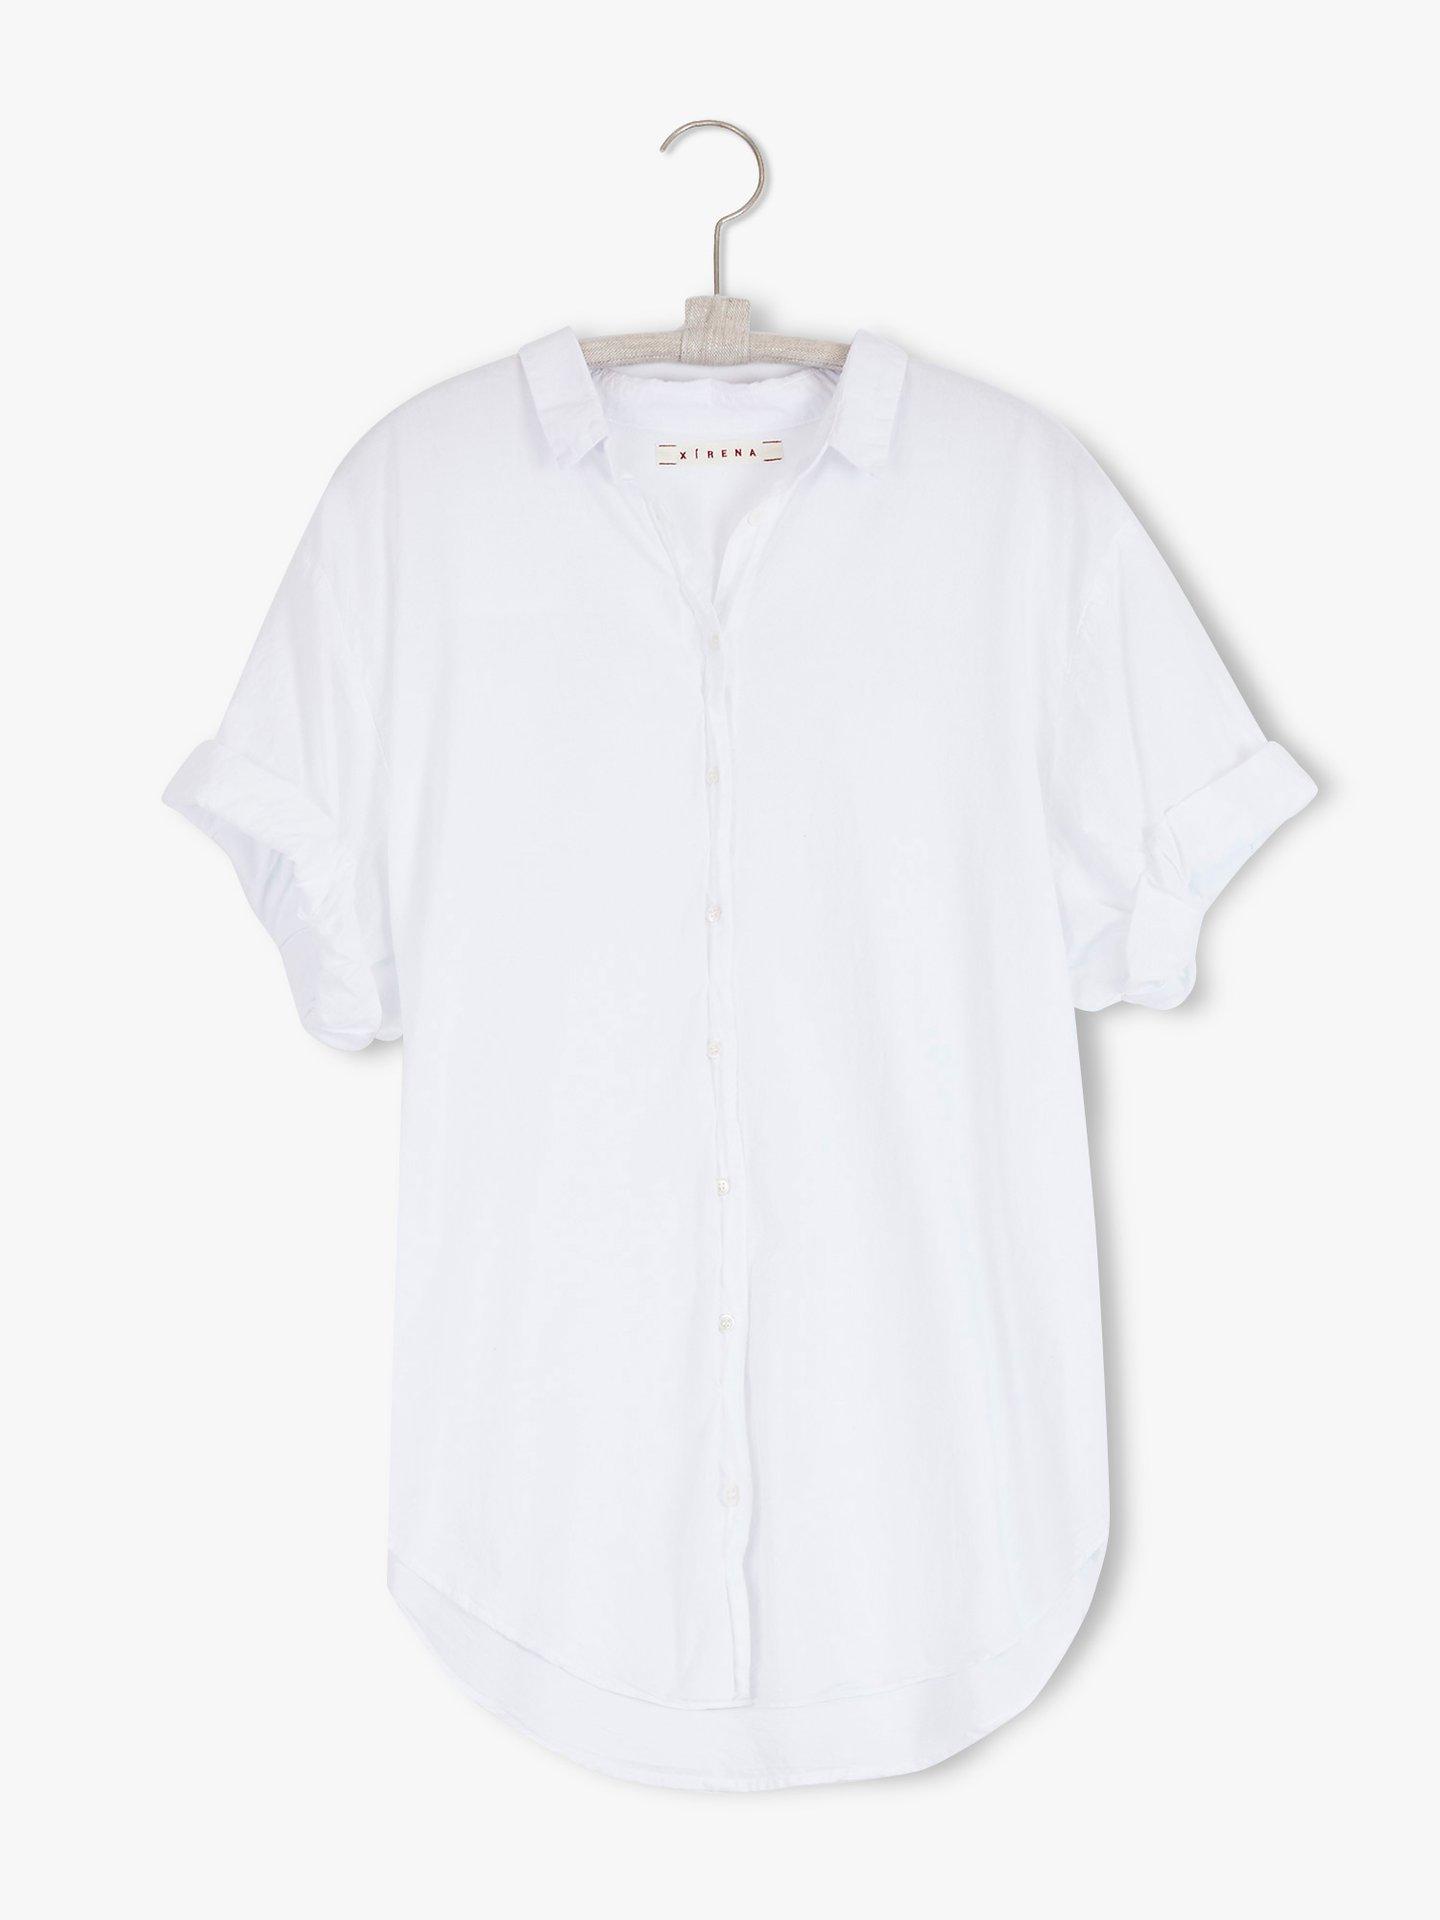 Channing, Bluse, Xirena, Boyfriendshirt